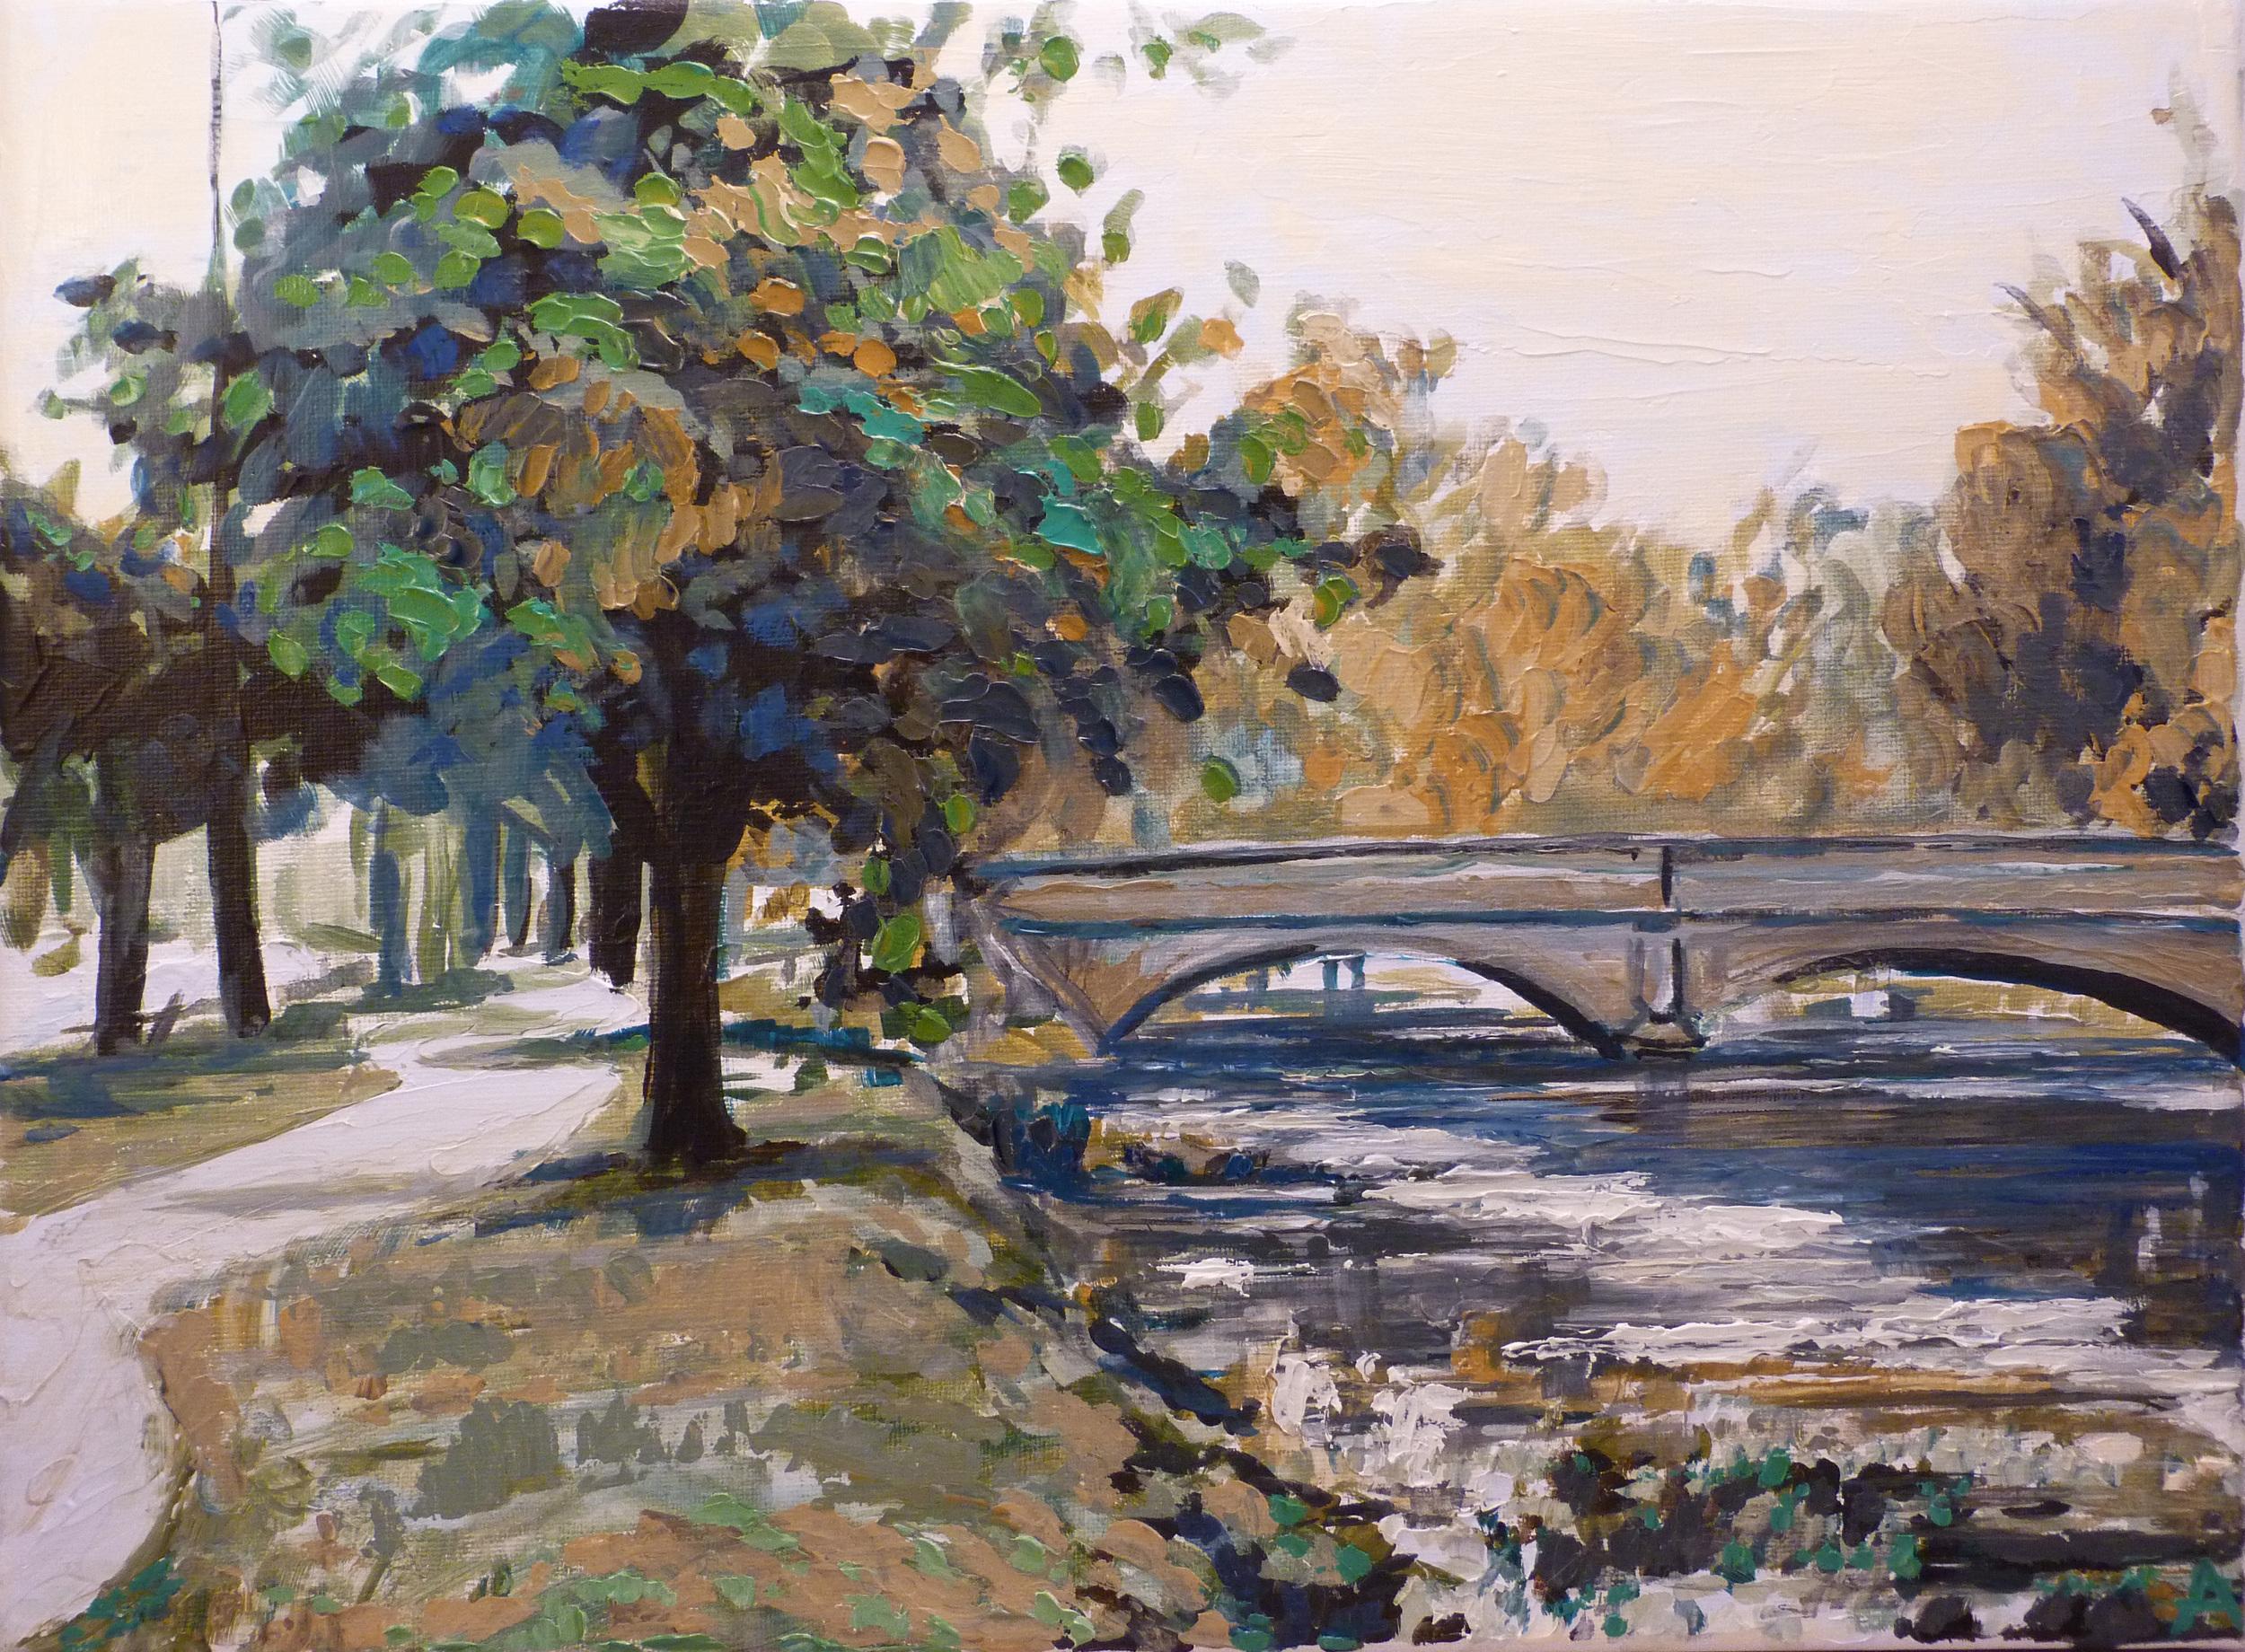 """SOLD, The Illinois Street Bridge, Copyright 2012 Hirschten, Oil on Canvas, 9"""" x 12"""""""